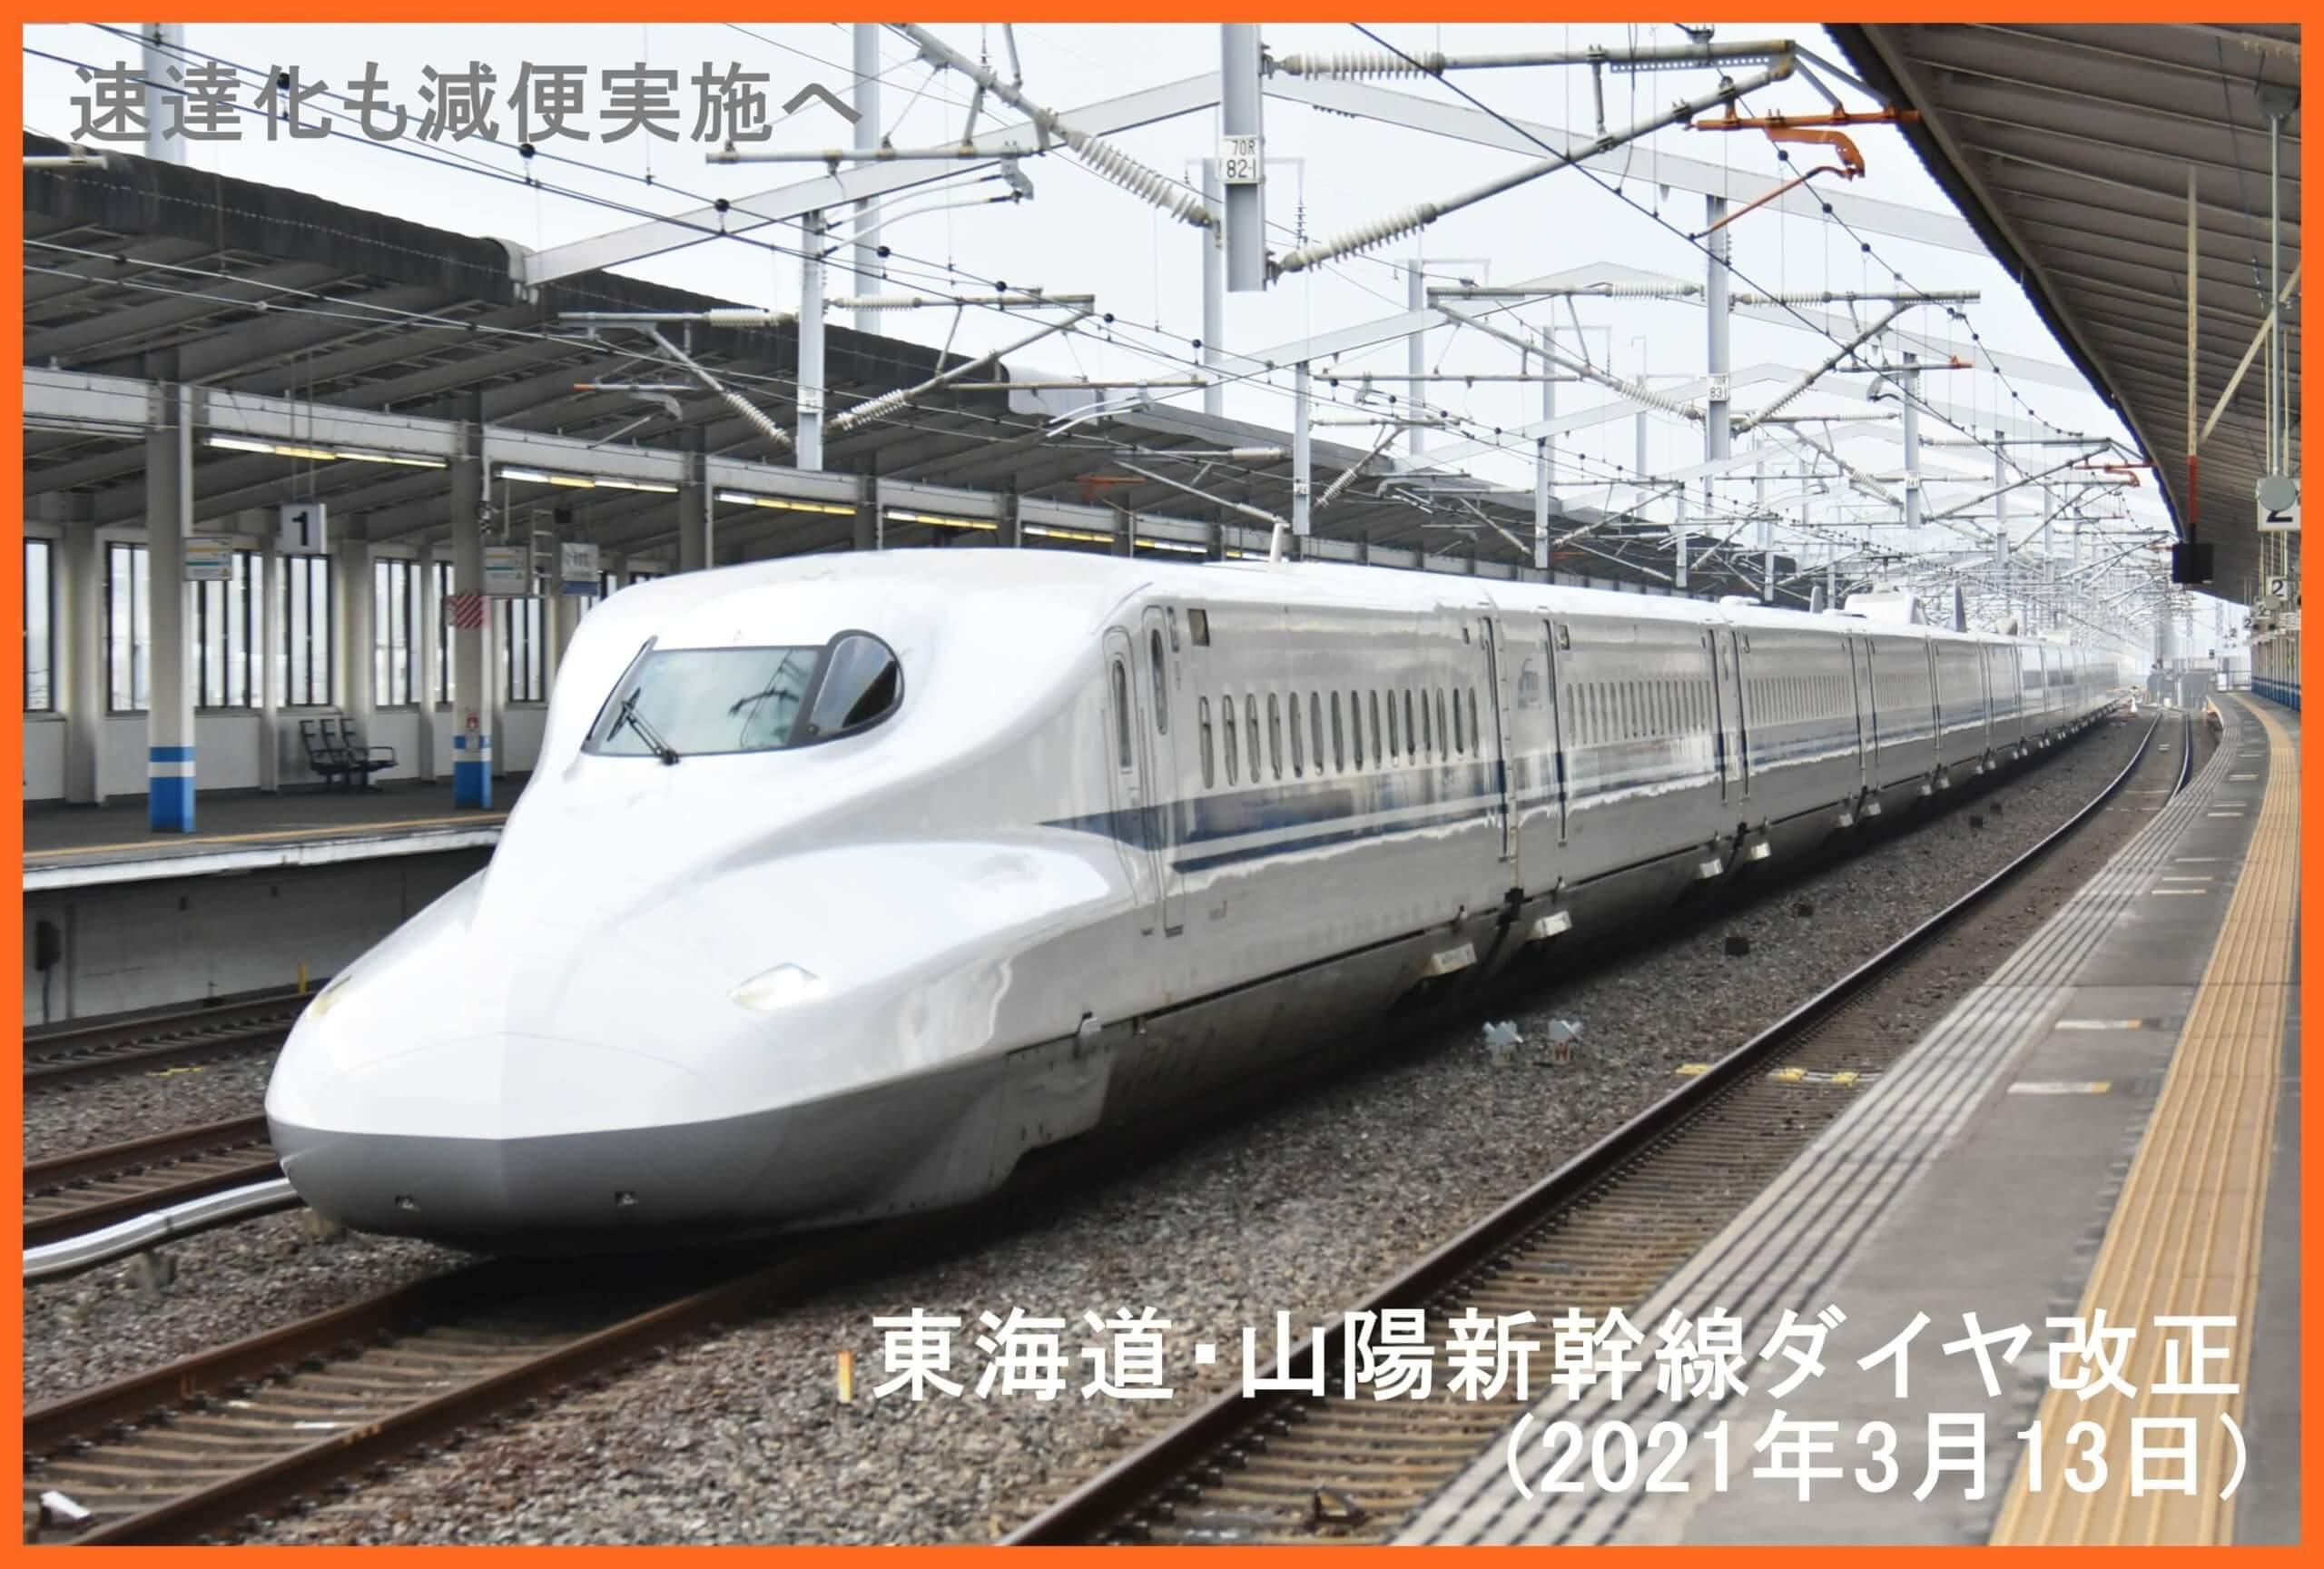 速達化も減便実施へ 東海道・山陽新幹線ダイヤ改正(2021年3月13日)